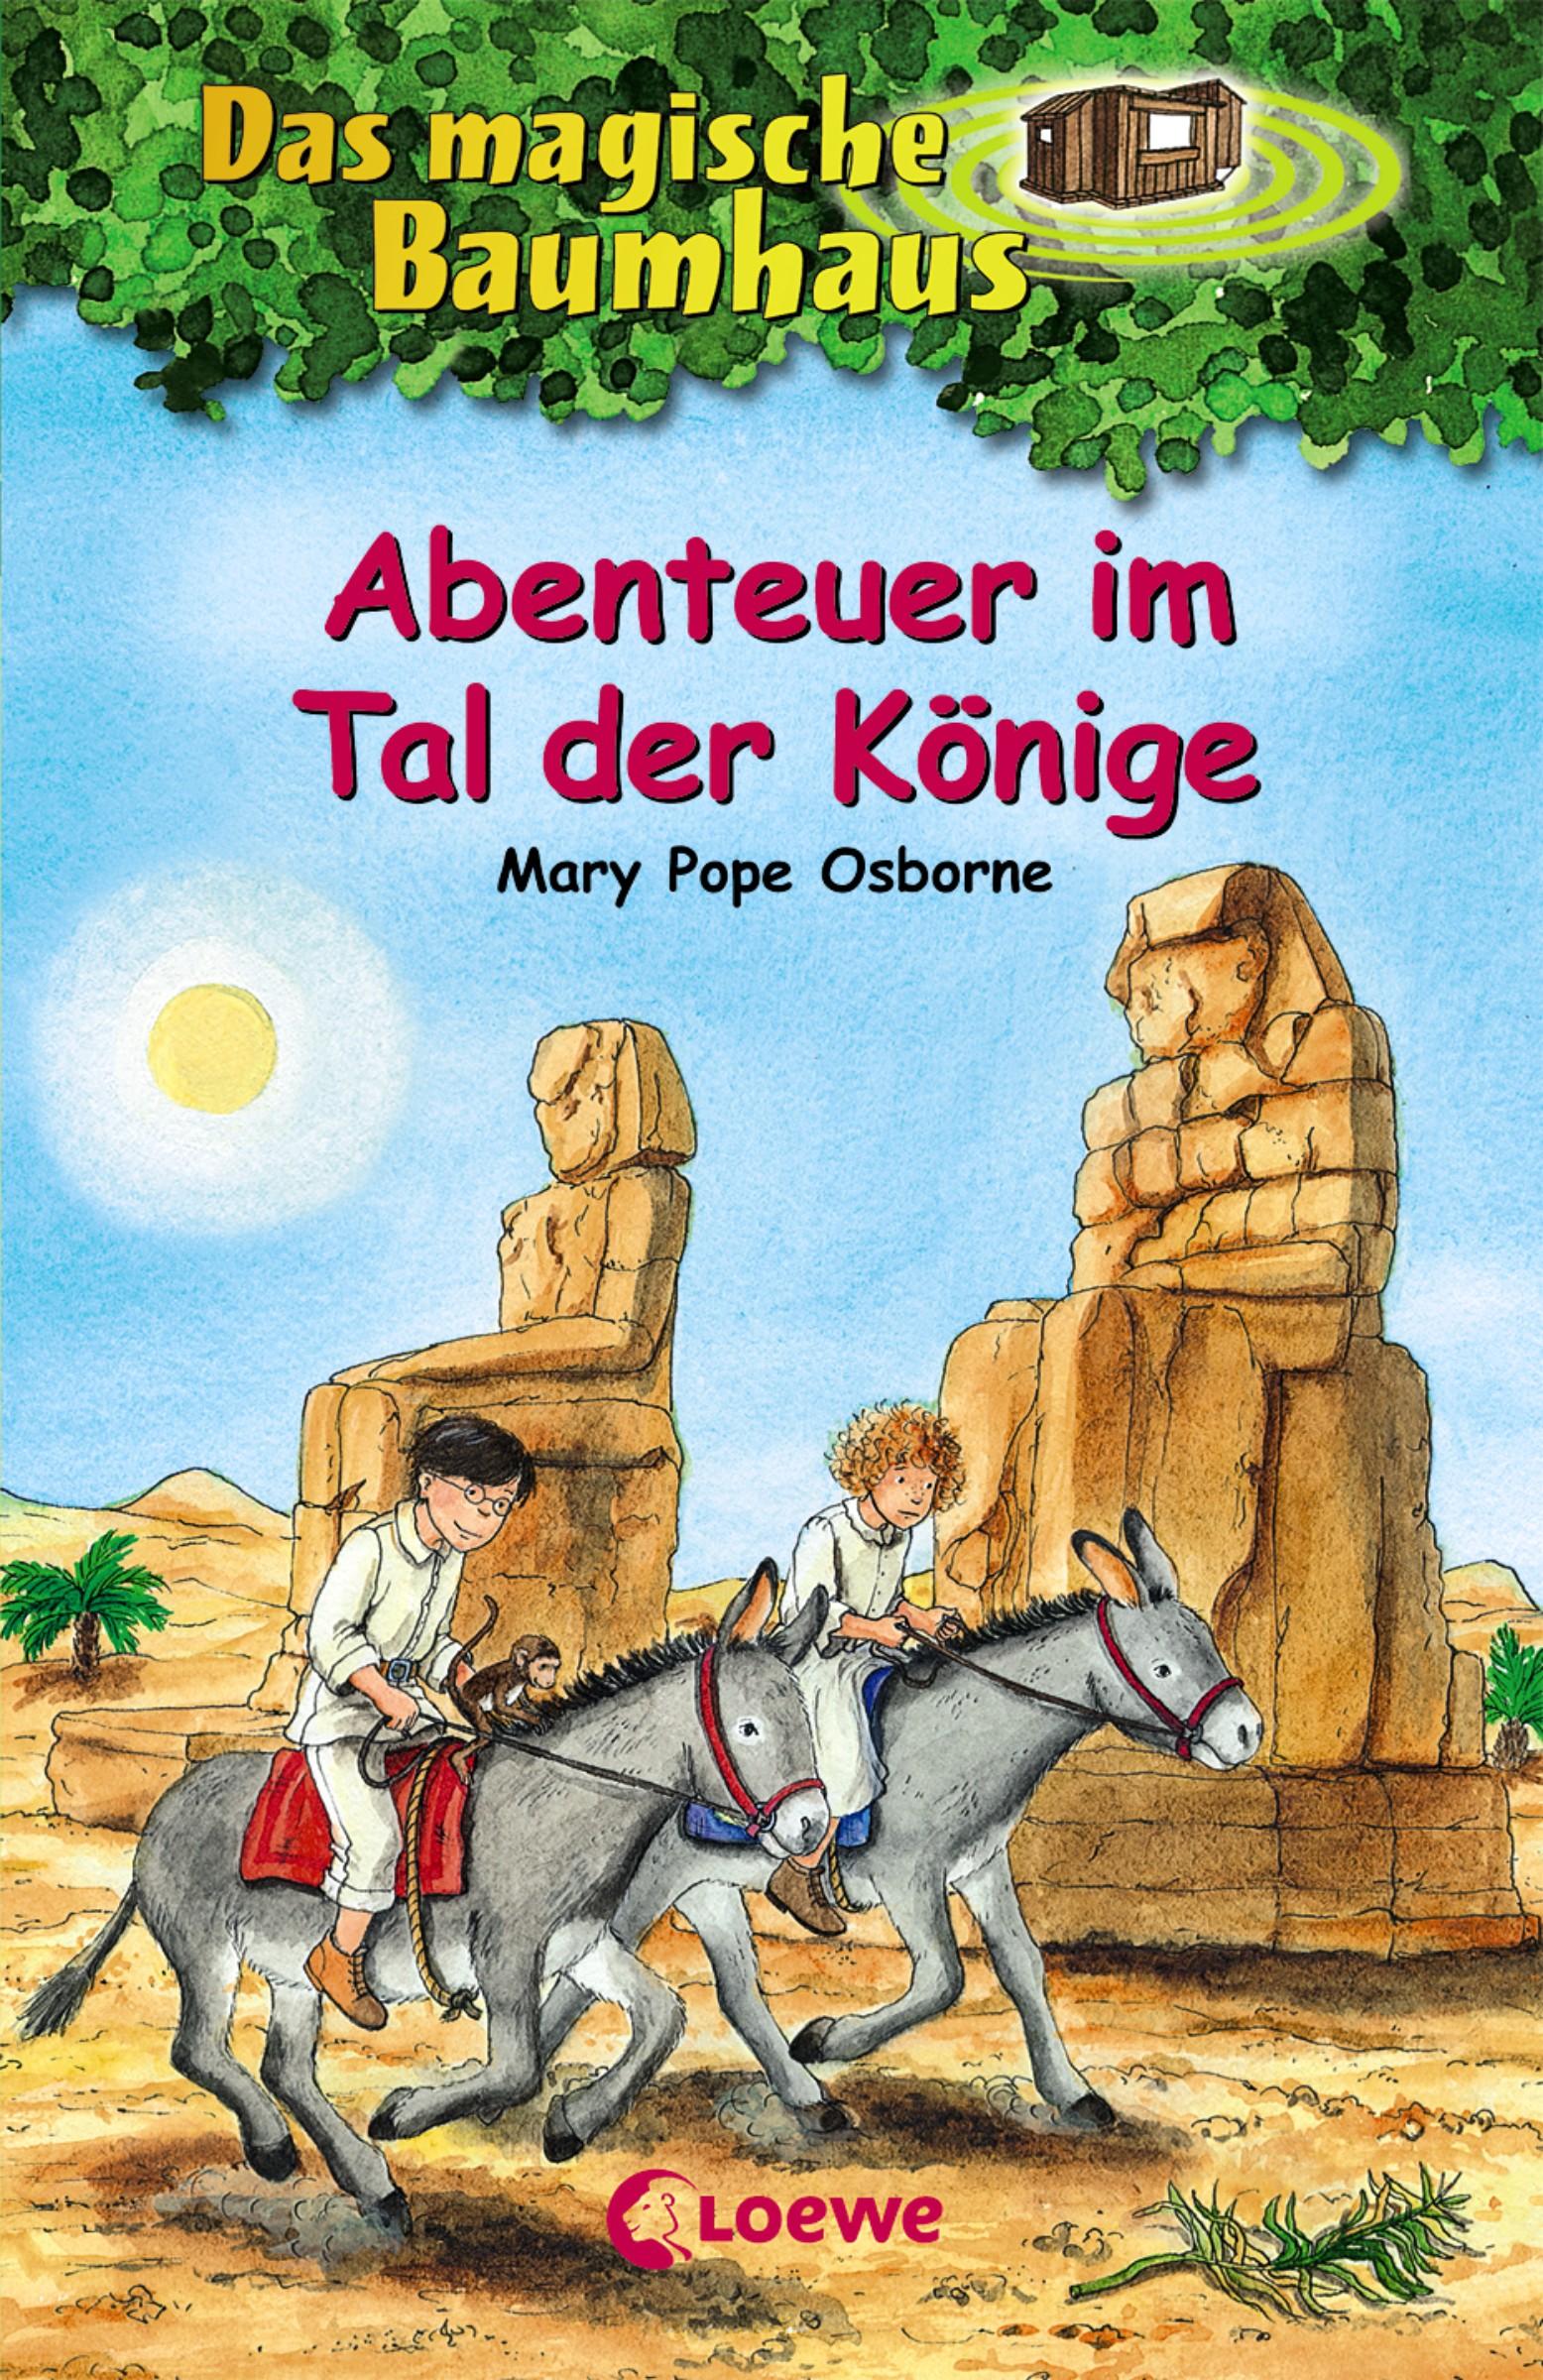 Mary Pope Osborne Das magische Baumhaus 49 - Abenteuer im Tal der Könige морган райс marsch der könige